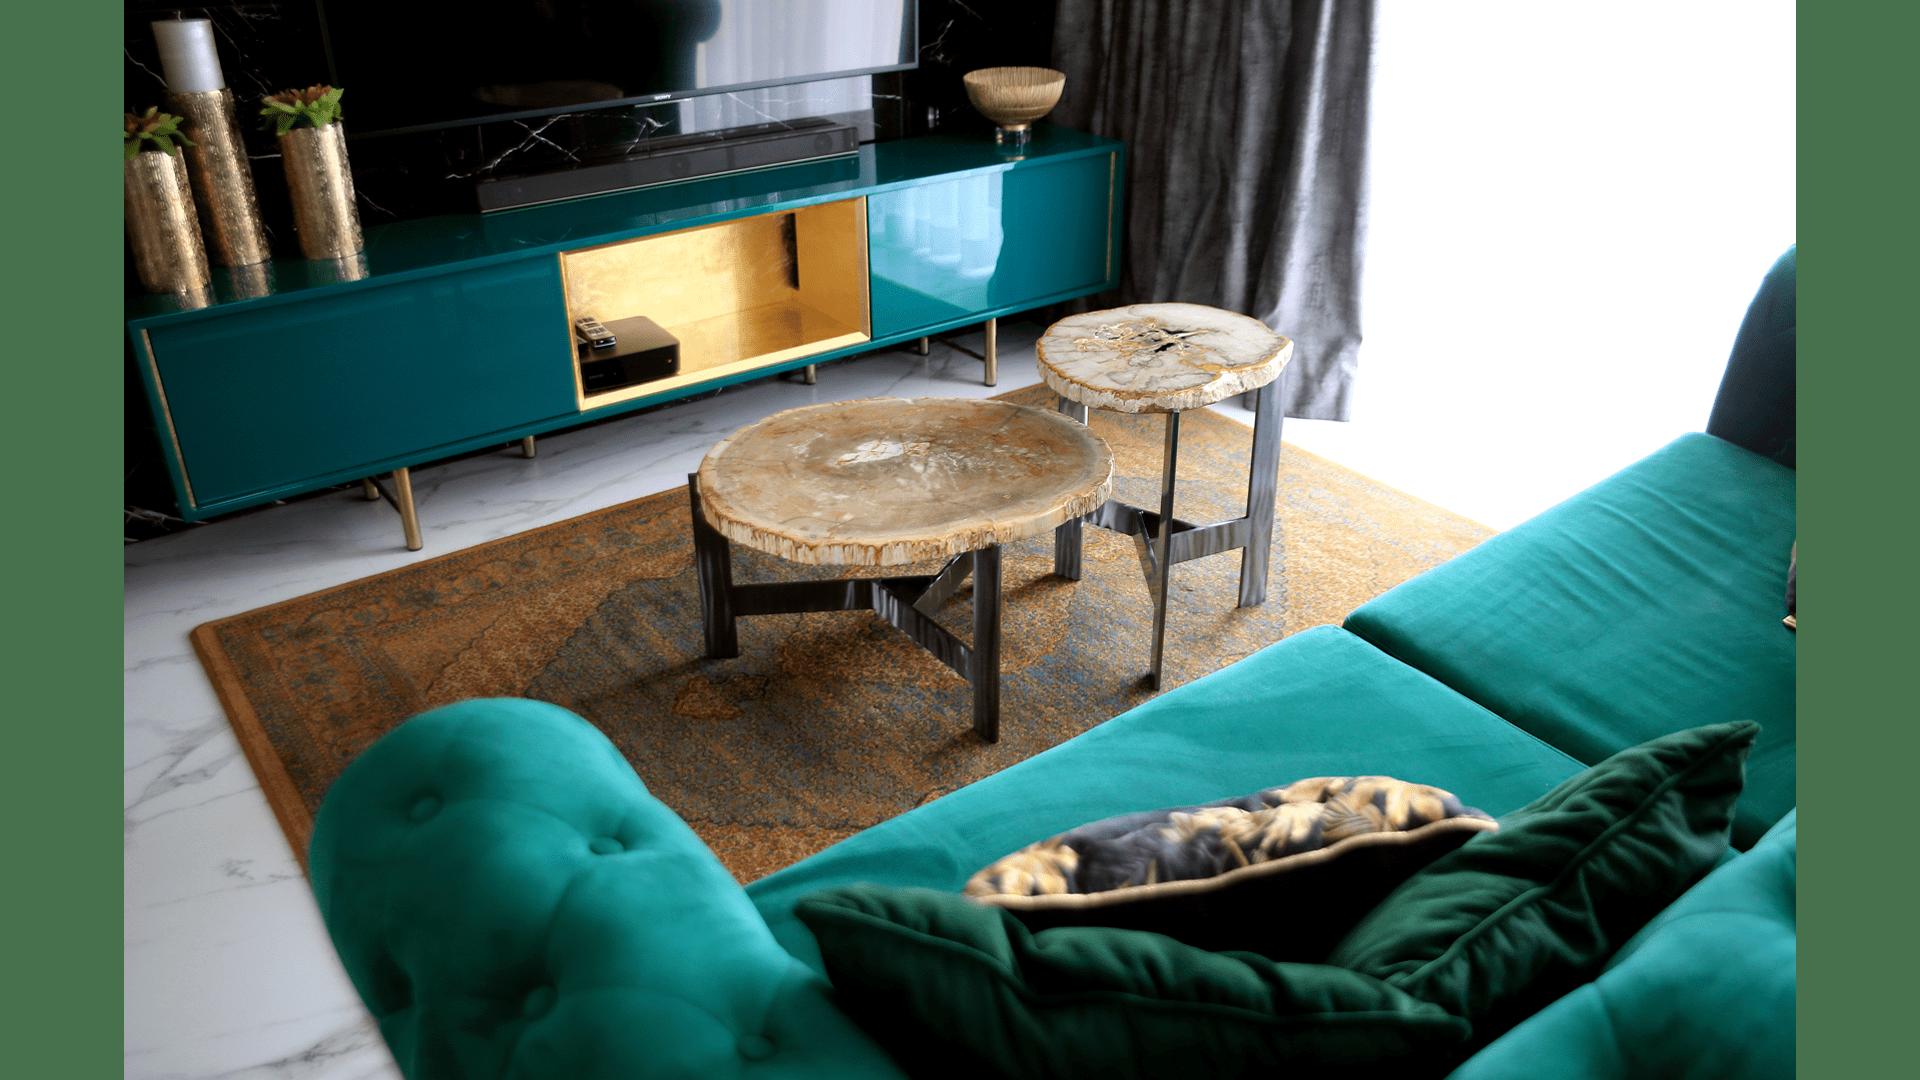 Ława i stolik Eterno z blatami ze skamieniałego drewna